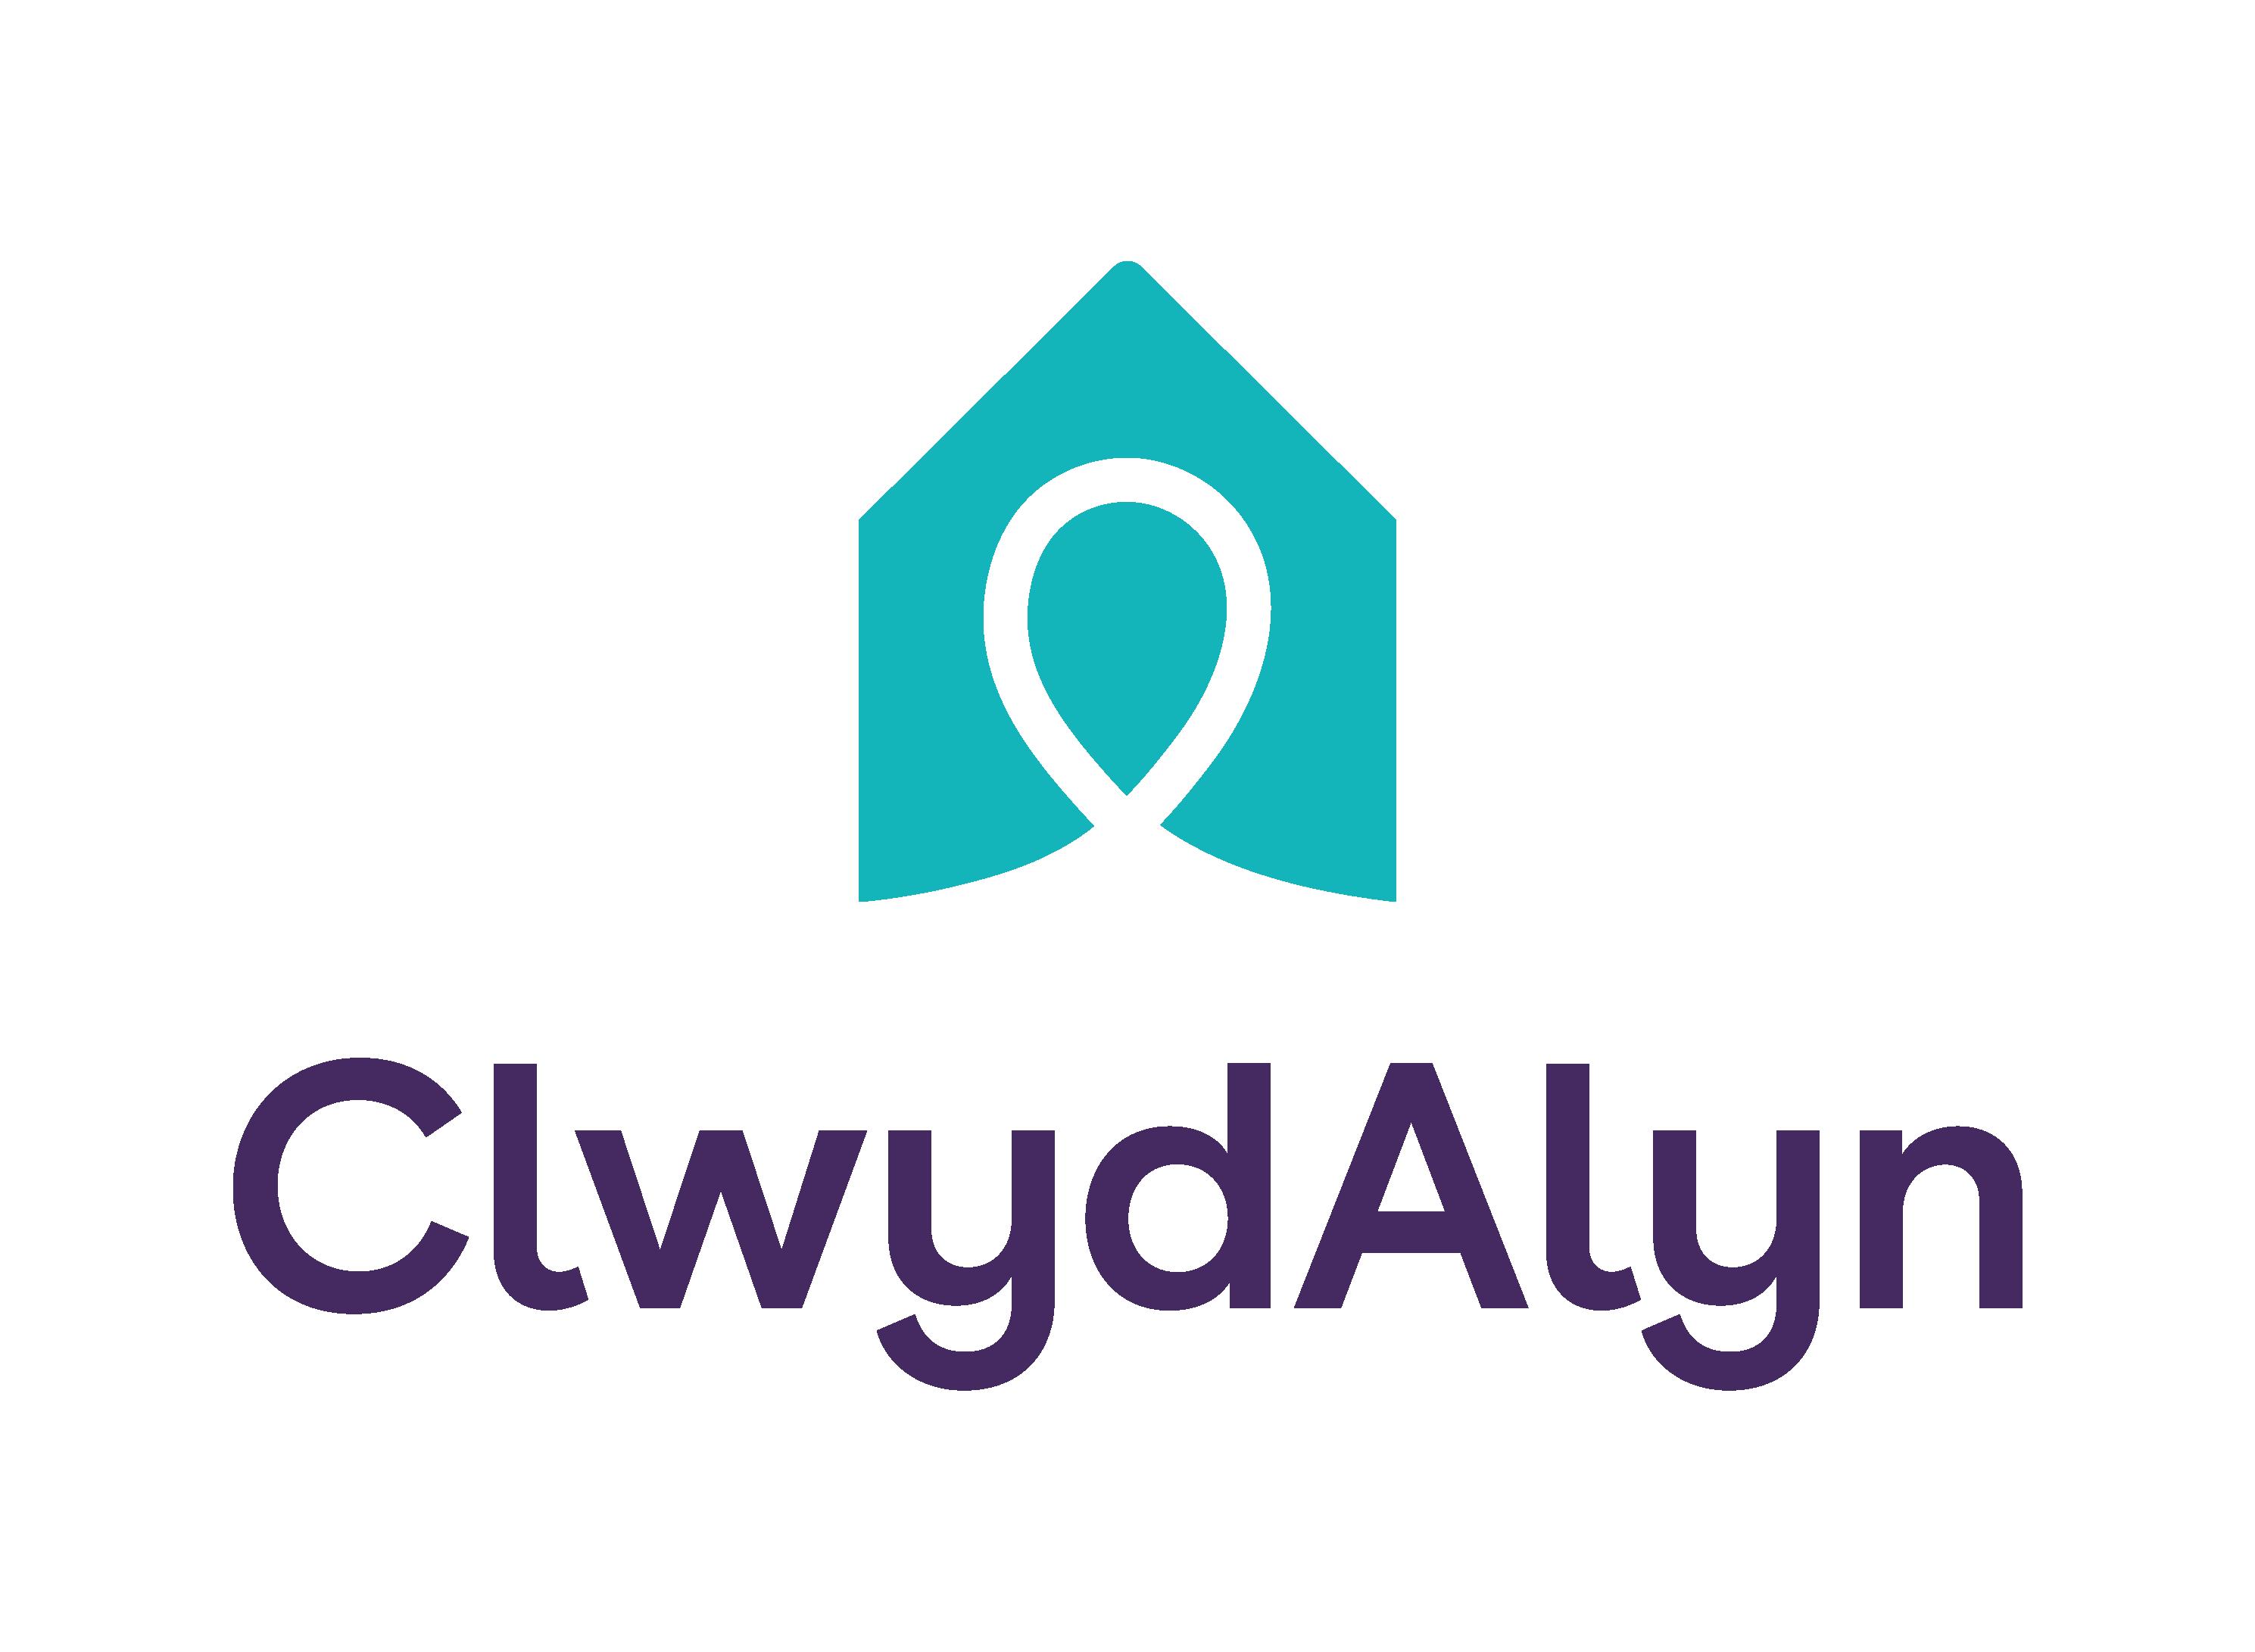 Moving forward as ClwydAlyn